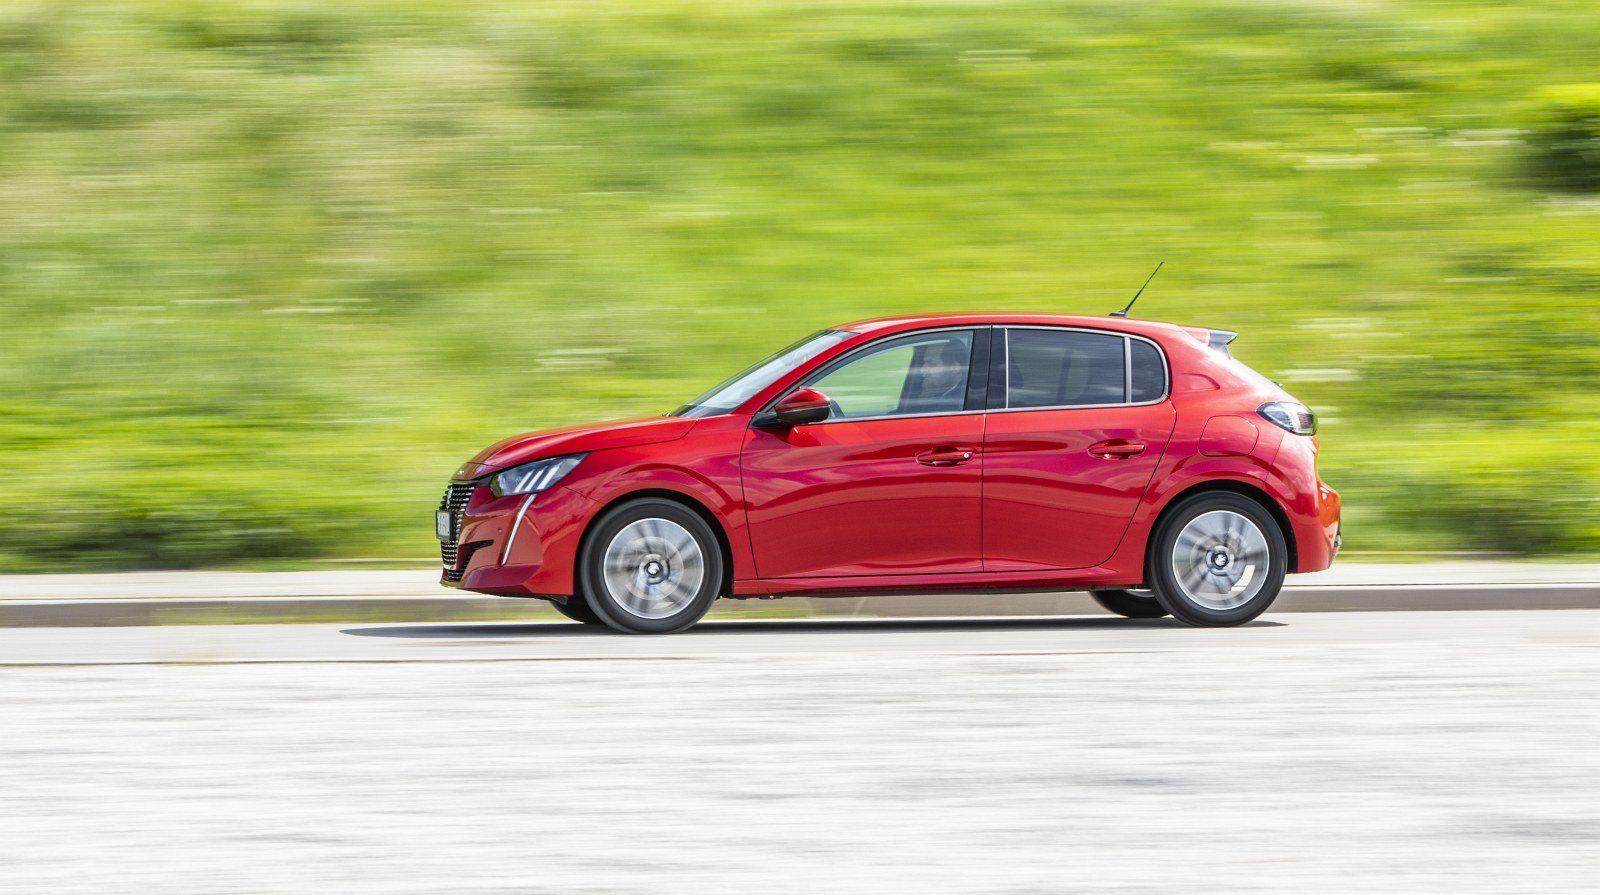 Peugeot 208 1.2 PureTech 100 test 2020